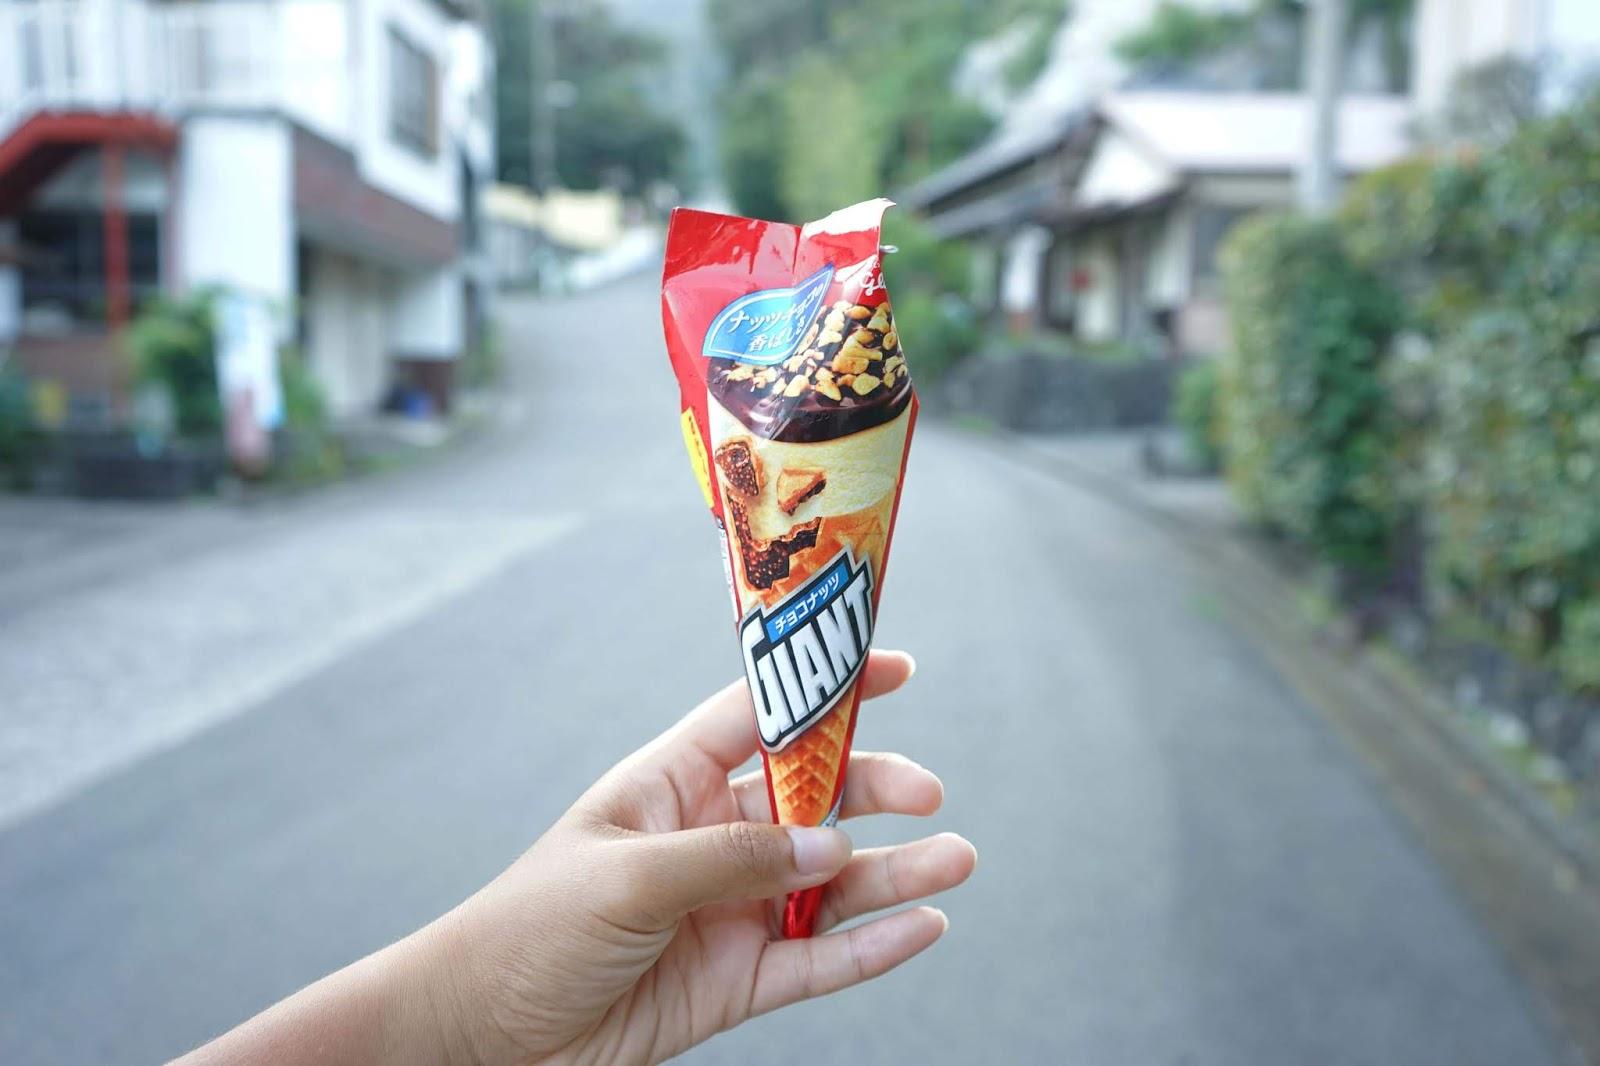 [日本] 日本最好吃的雪糕!No.1必試 便利店/超市有售 全職旅行   日本人妻